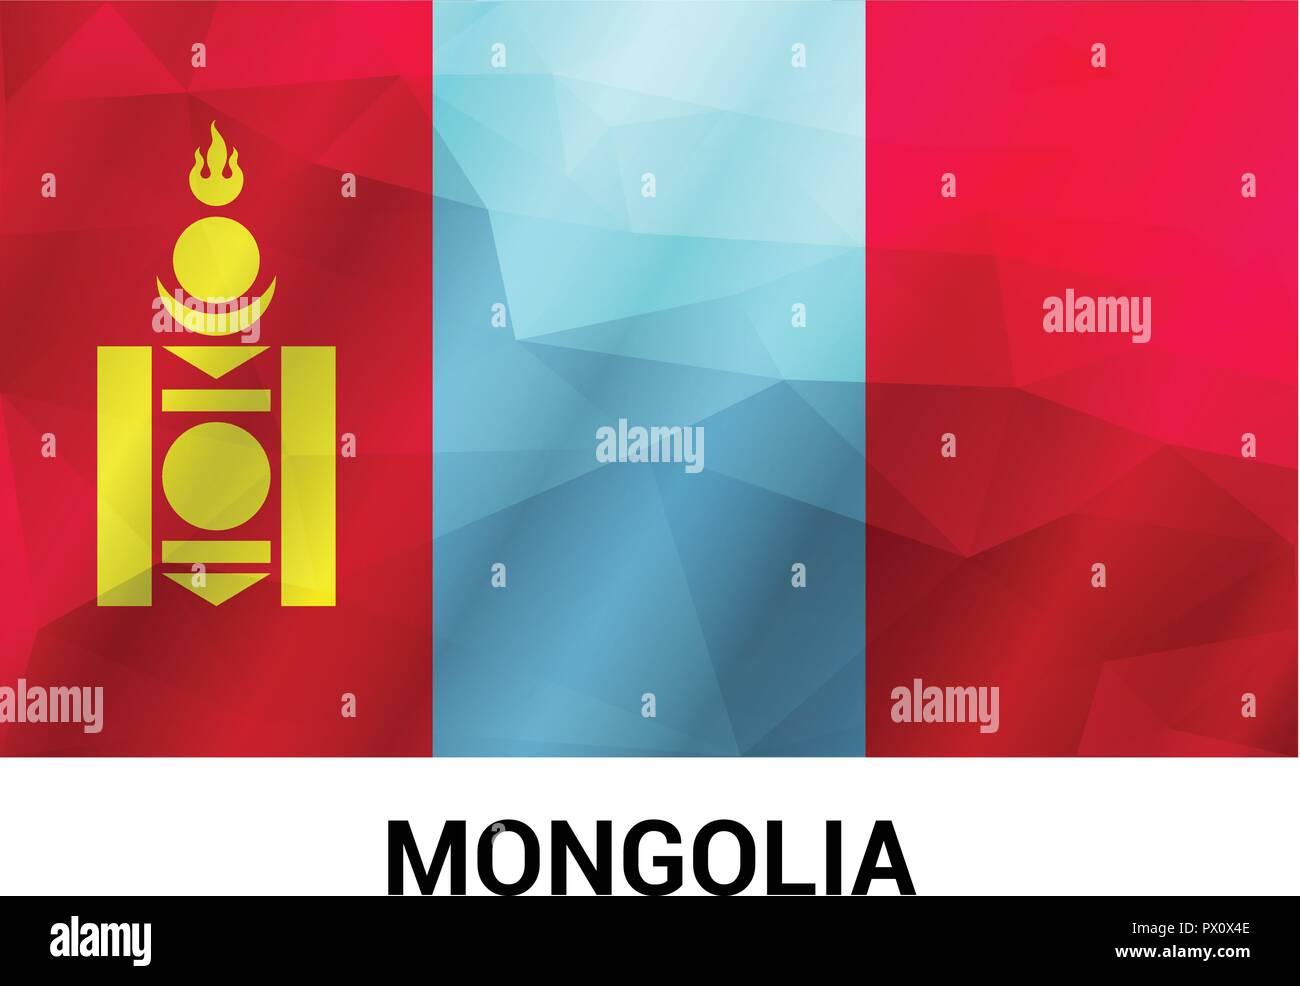 Mongolia flags design vector - Stock Vector